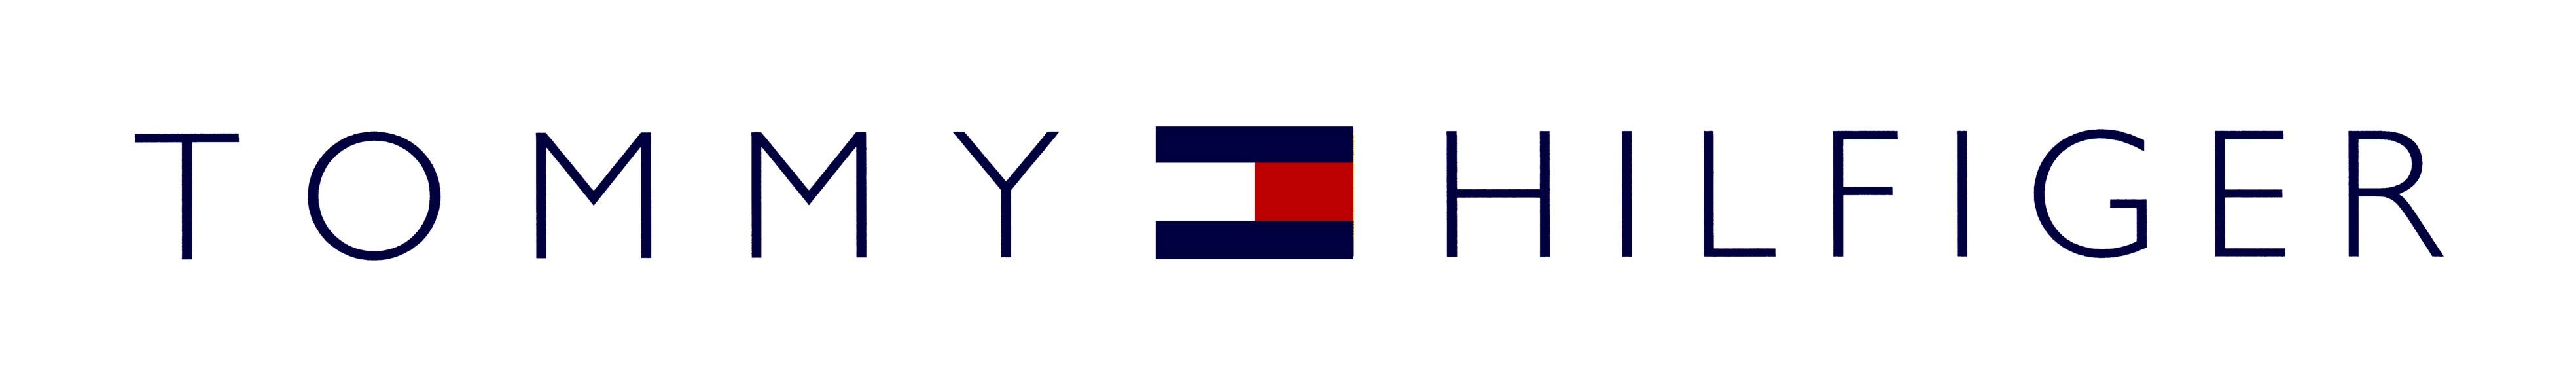 Tommy Hilfiger – Sprzedawca – Doradca Klienta